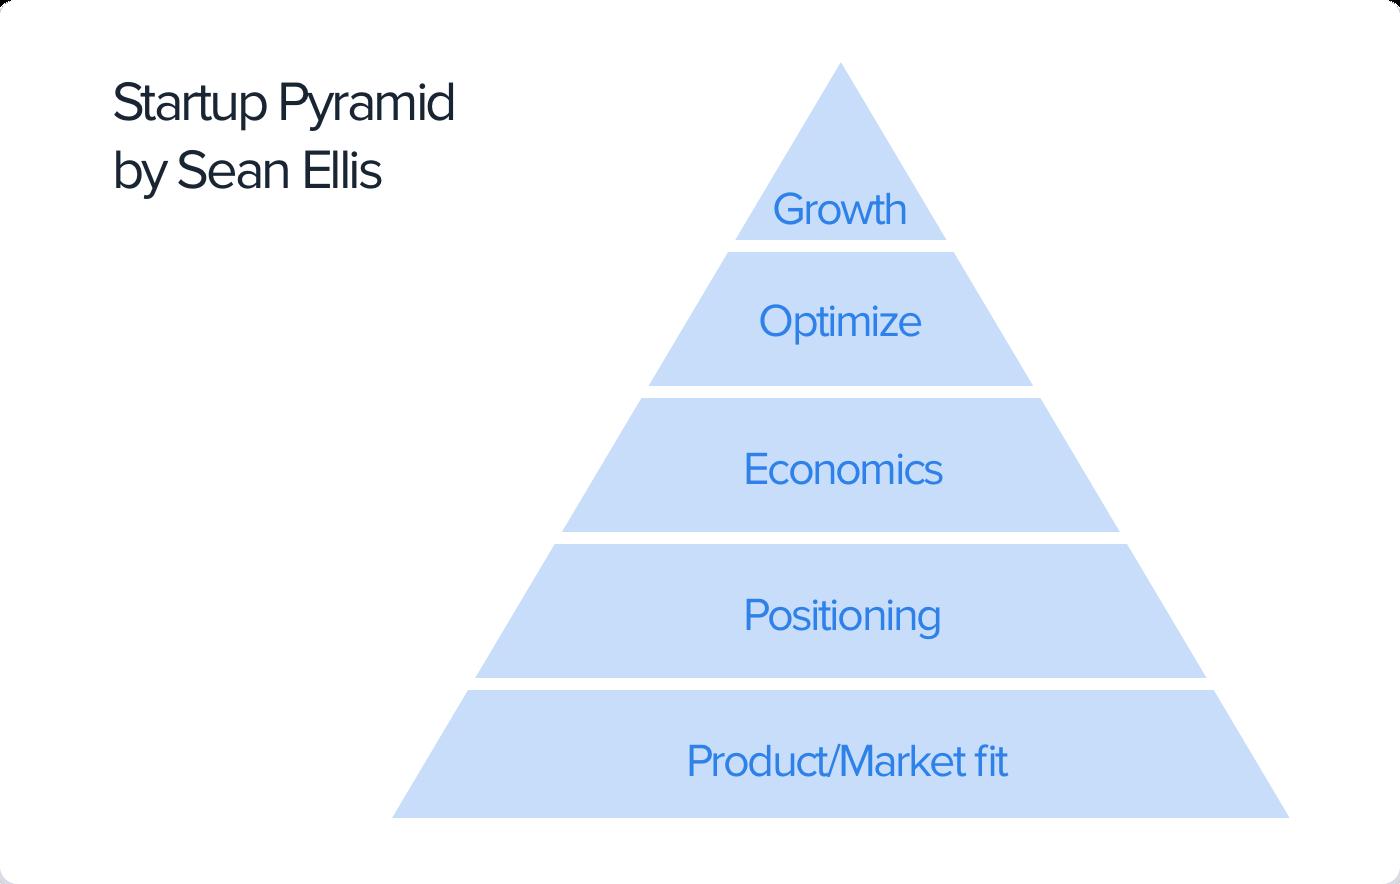 sean ellis startup pyramide